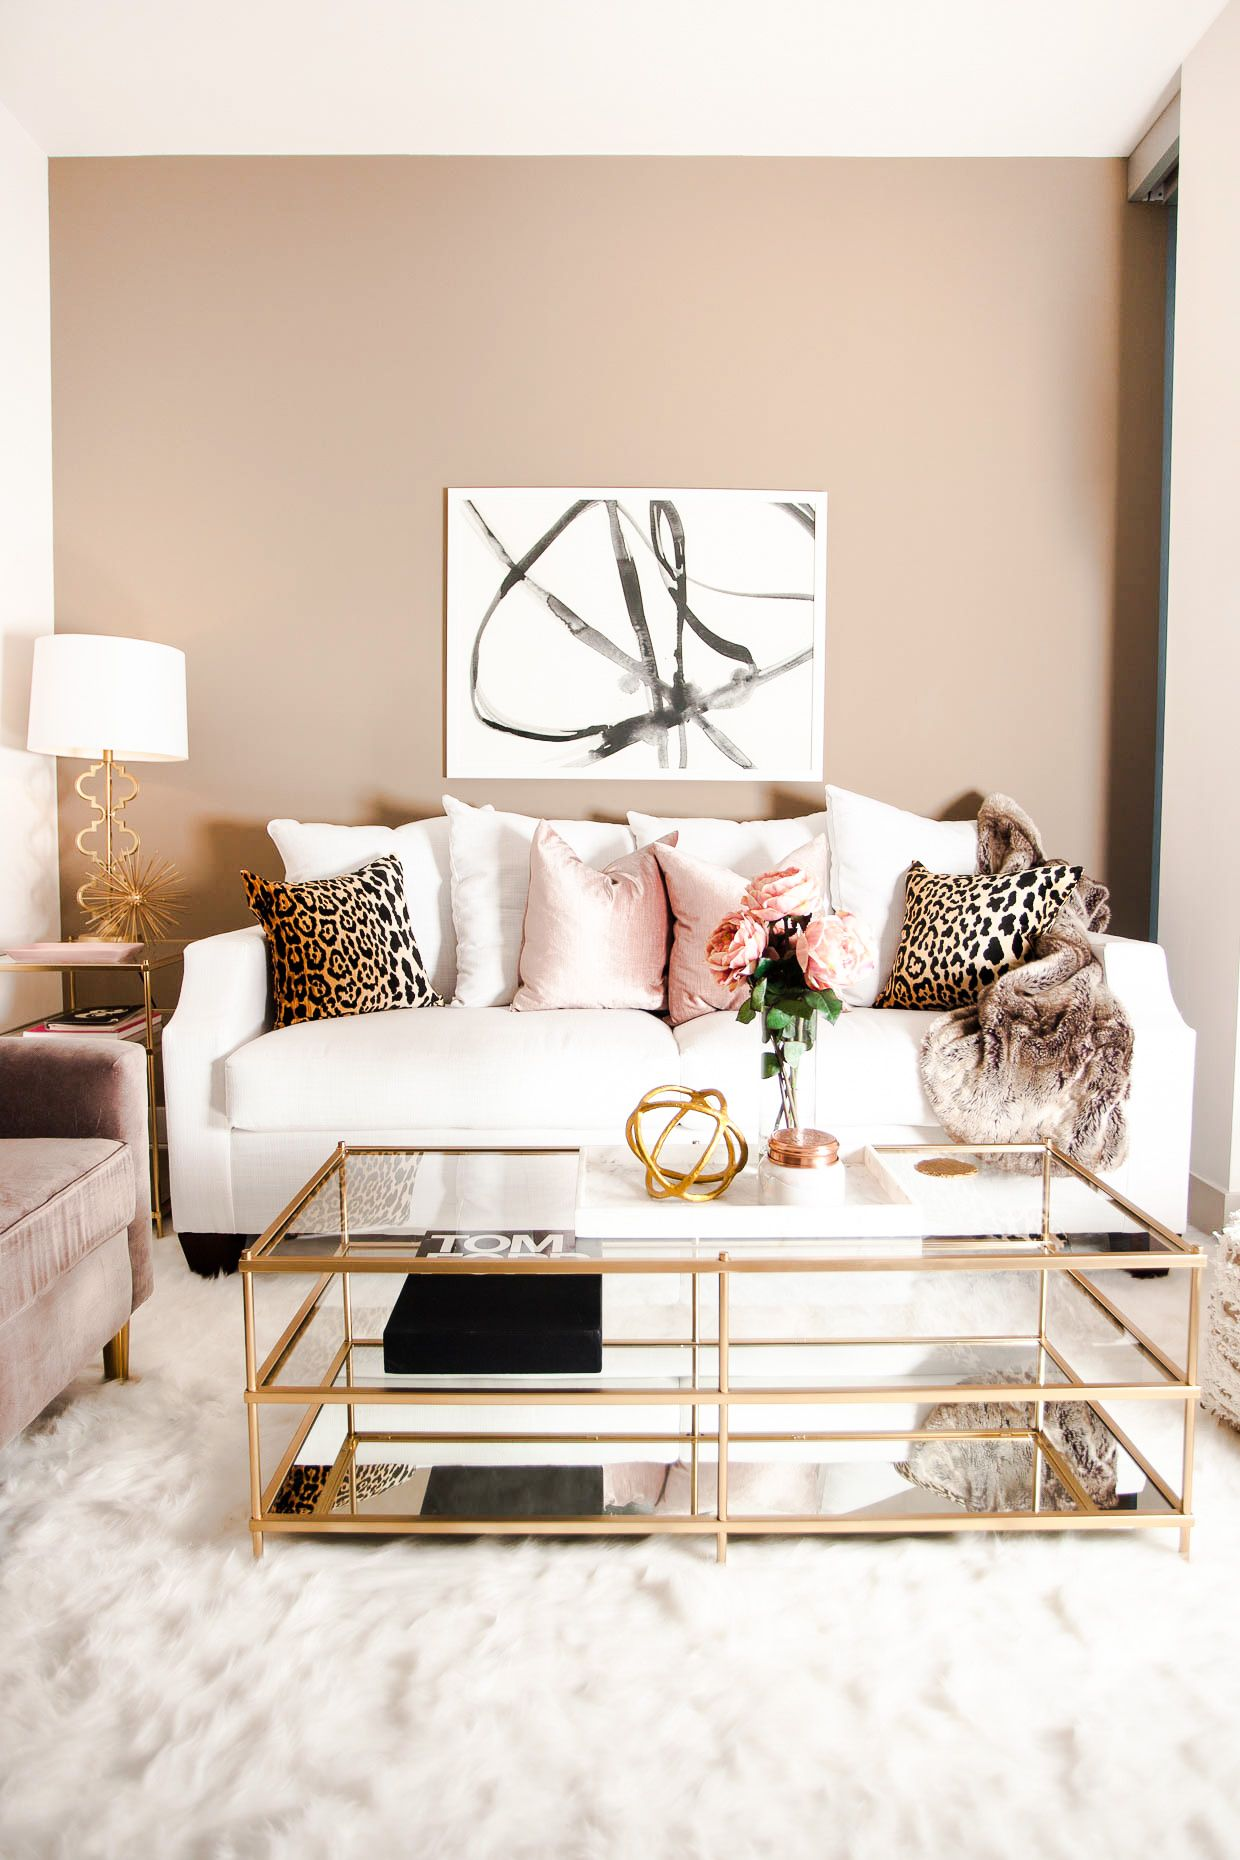 Pin von Kylle Francez auf Styles | Pinterest | Wohnzimmer ...